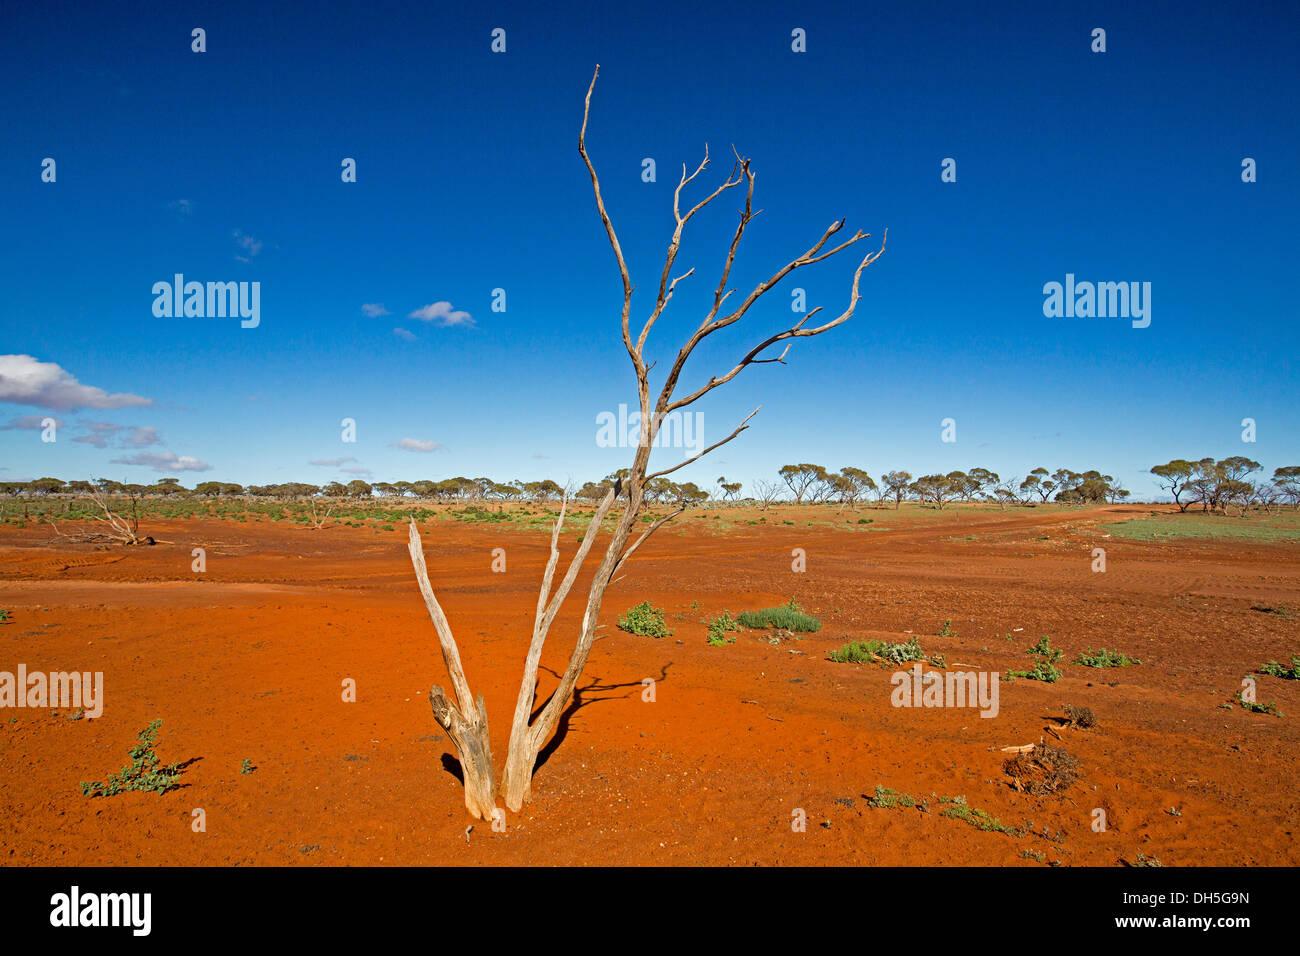 Australian Outback paysage avec l'arbre mort sur de vastes plaines s'étendant jusqu'à rouge bleu ciel et horizon lointain SA Photo Stock